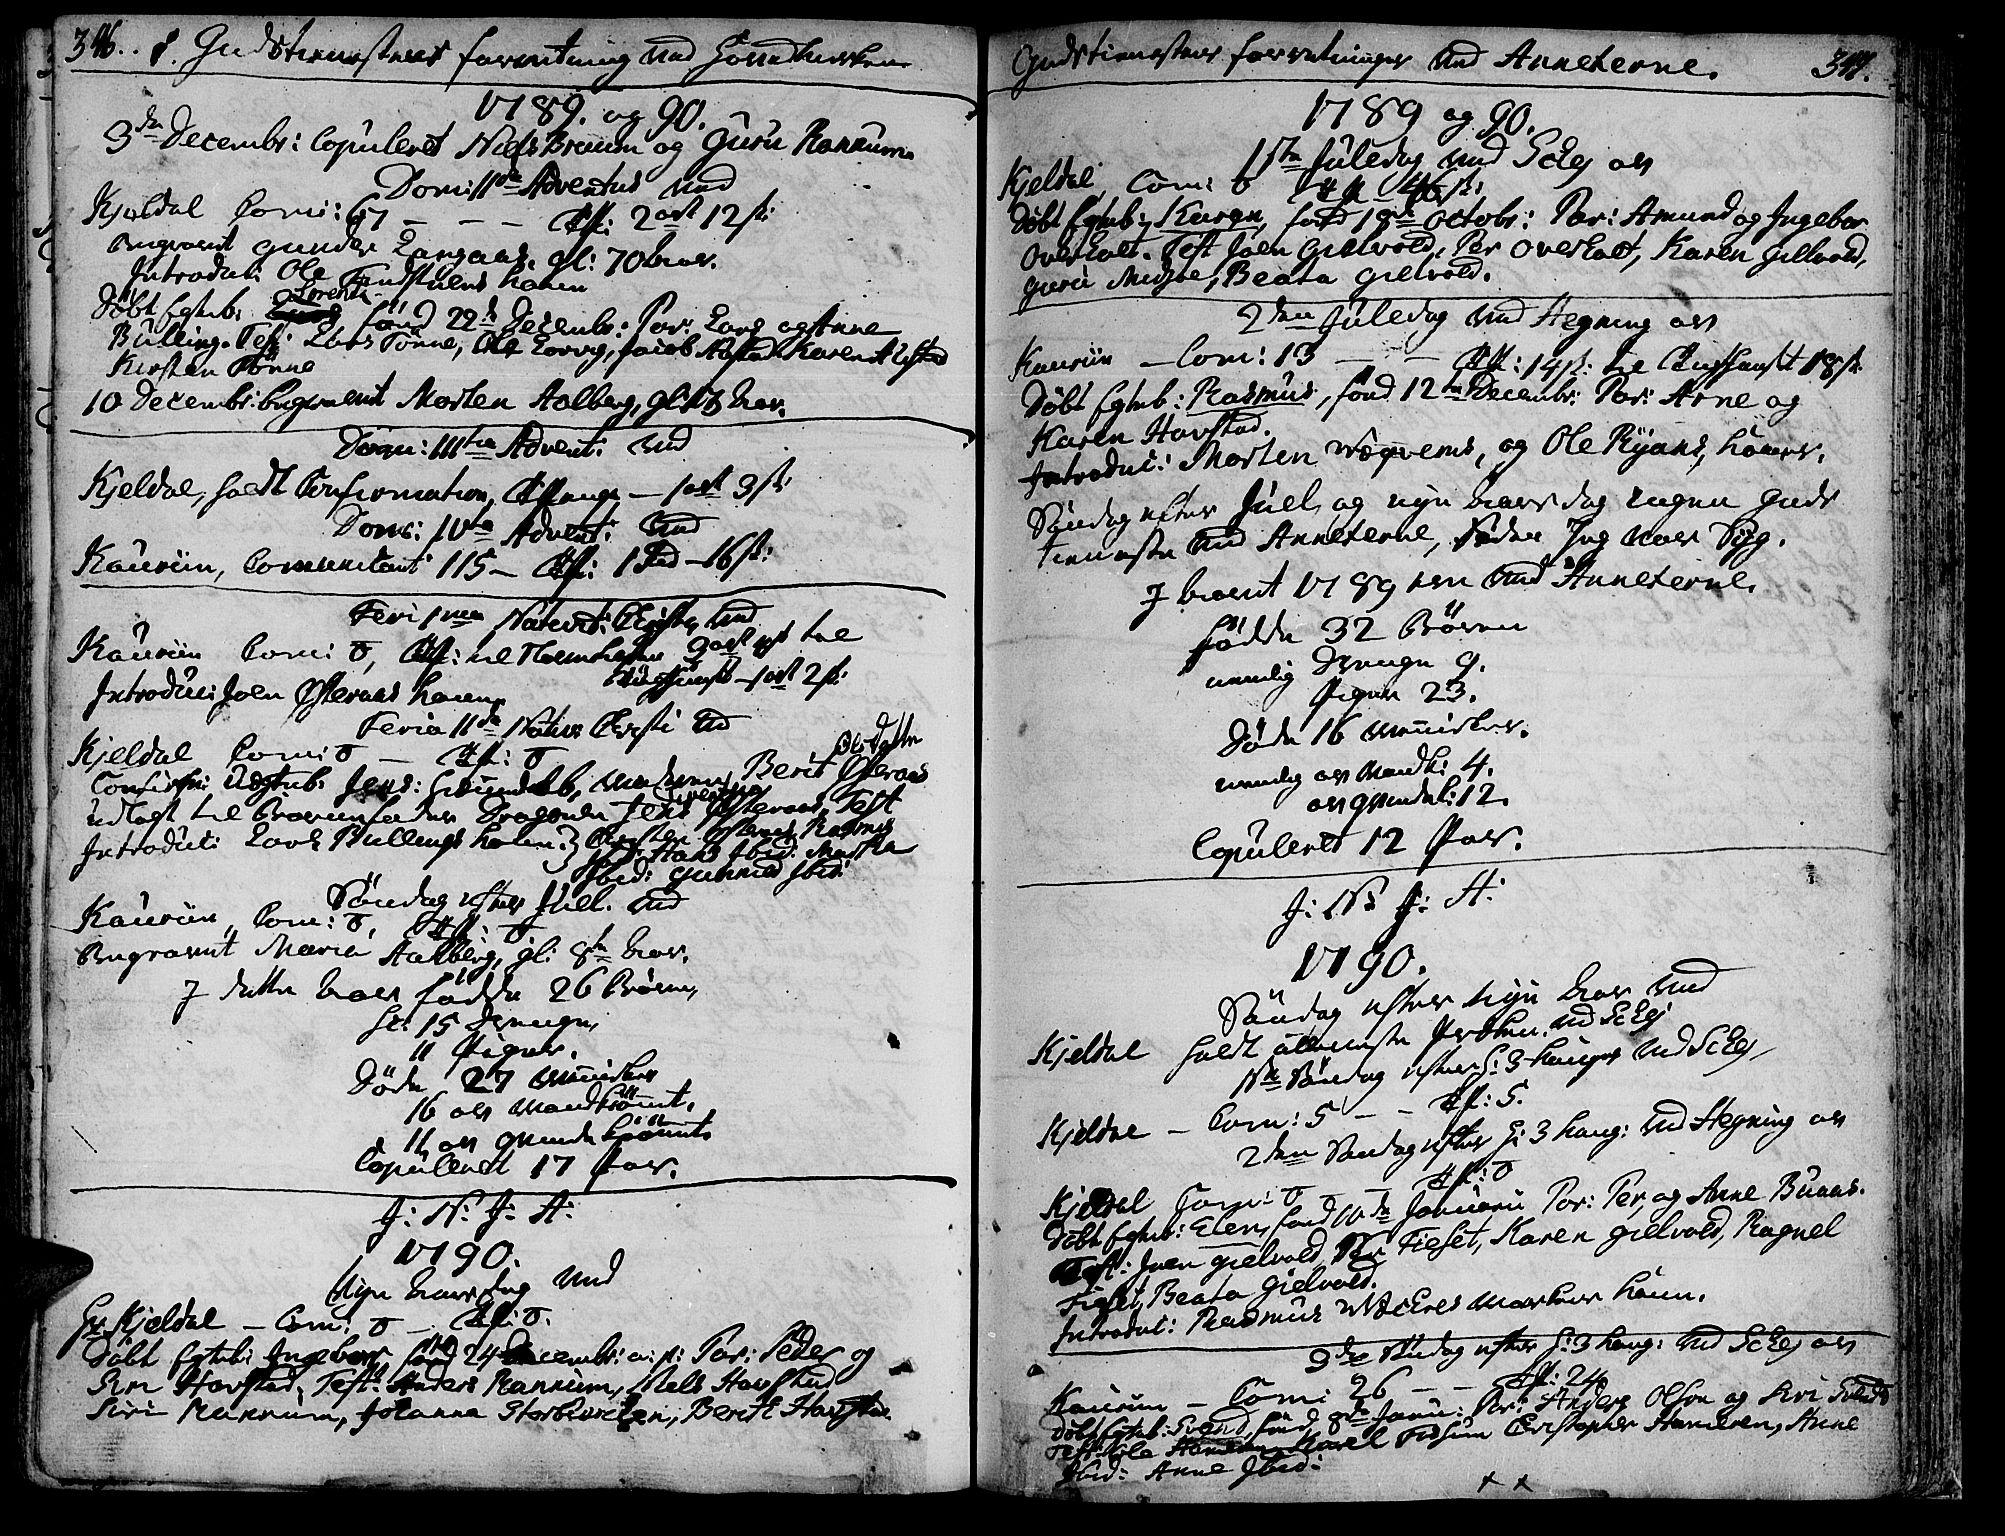 SAT, Ministerialprotokoller, klokkerbøker og fødselsregistre - Nord-Trøndelag, 735/L0331: Ministerialbok nr. 735A02, 1762-1794, s. 346-347